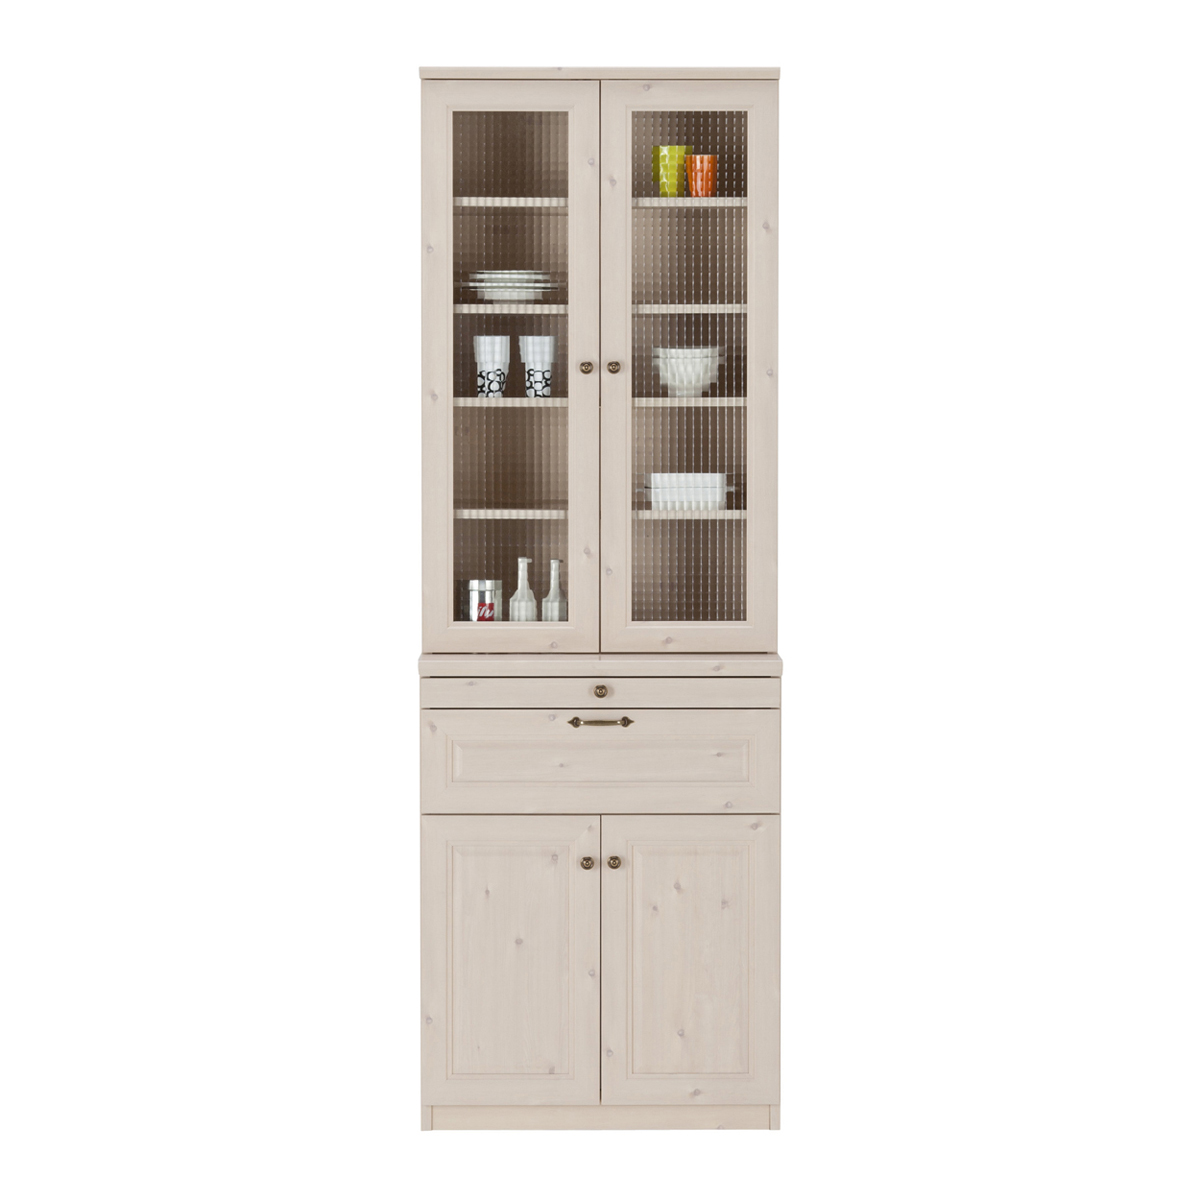 ユーアイNEO マーゴット カントリー調 食器棚 ホワイト木目 K-700H Margott